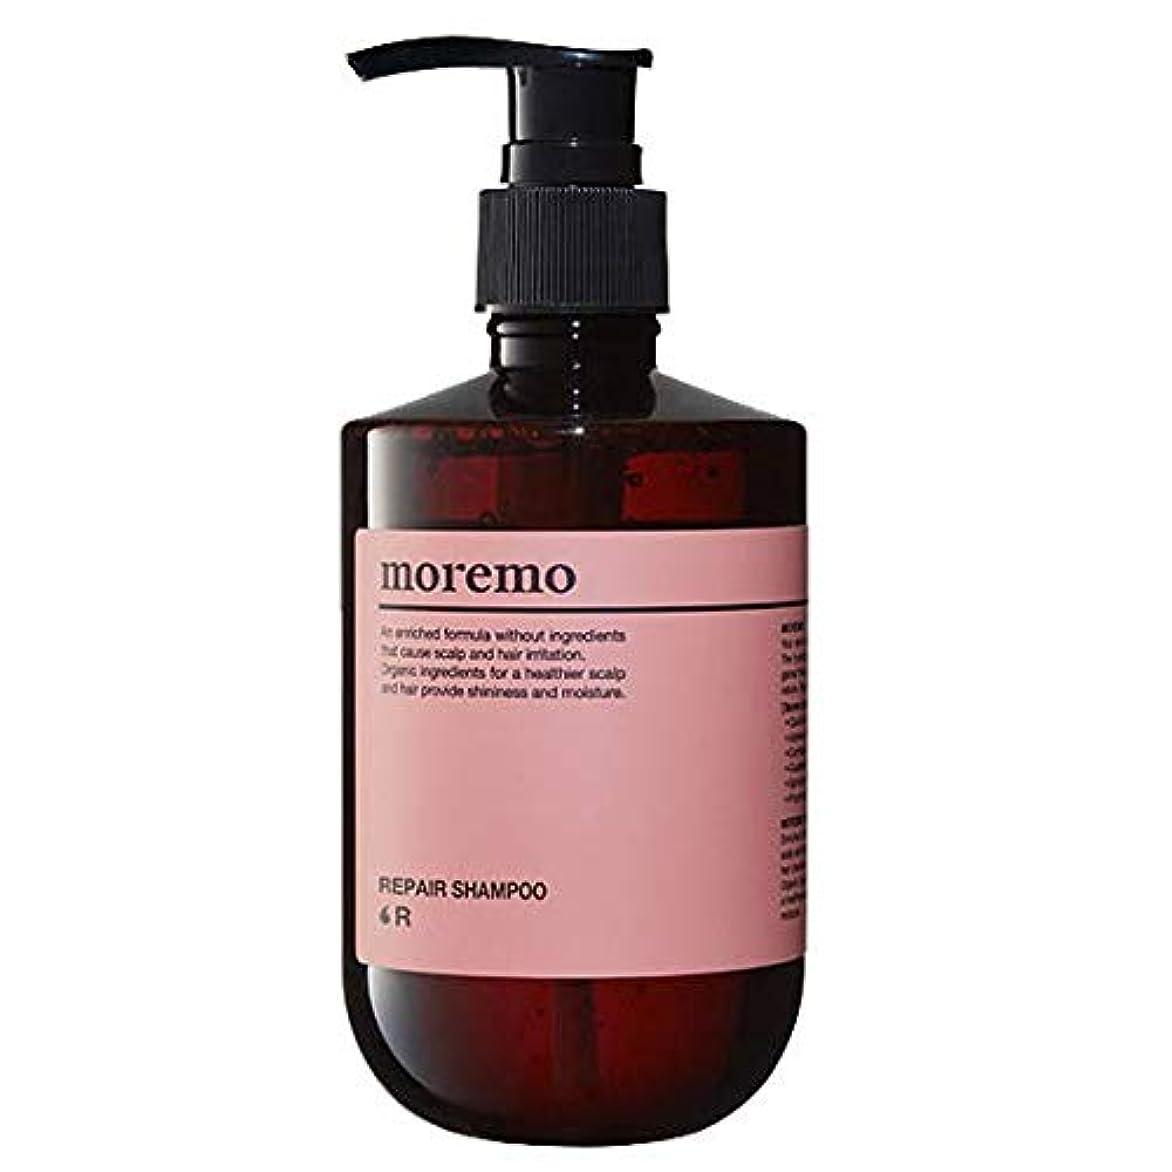 ラリースカートクルーズMoremo Repair Shampoo モレモ リペア シャンプー R 300ml [並行輸入品]